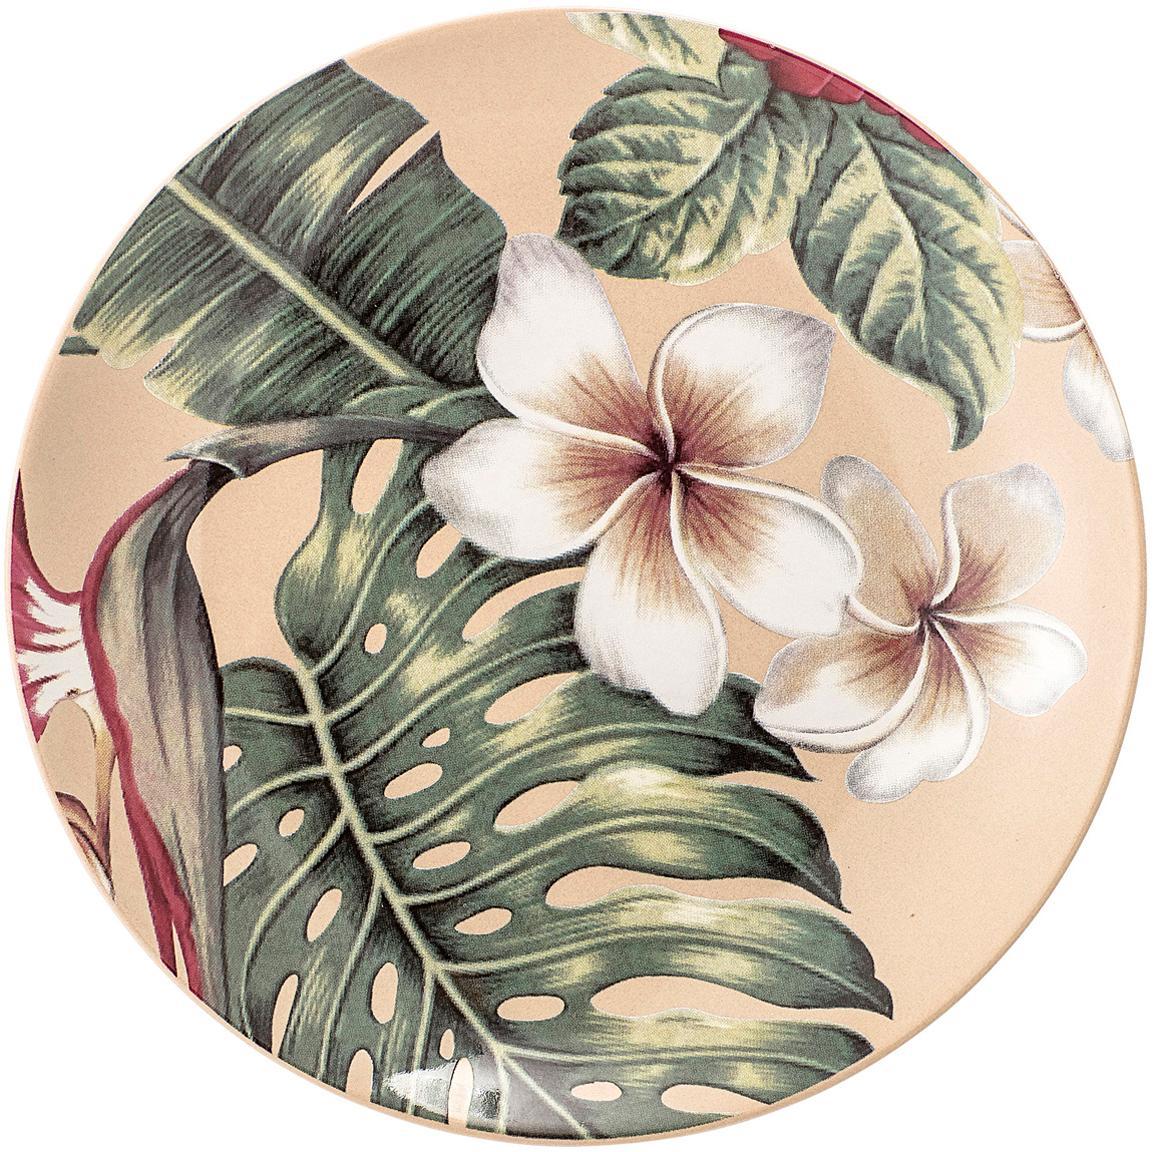 Platos postre Aruba, 2uds., Gres, Blanco crema, verde, rojo, Ø 20 cm